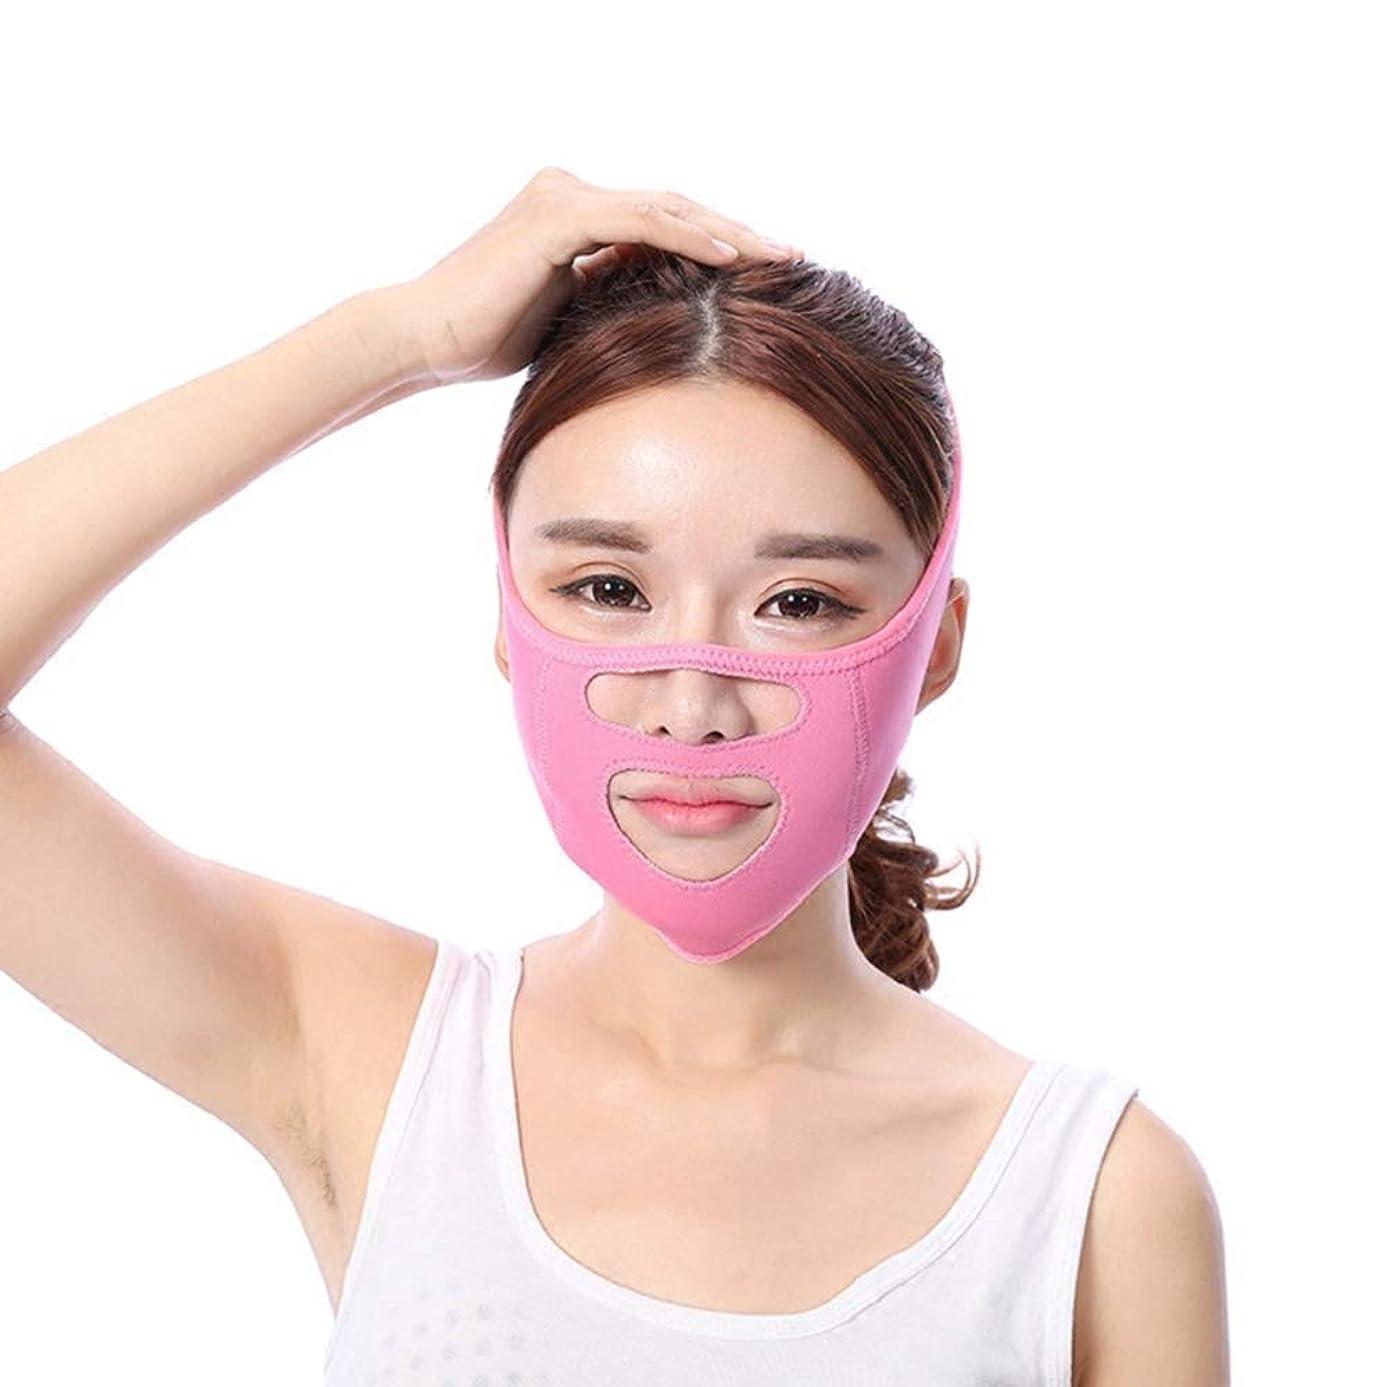 口述嘆願心理的フェイスリフトベルトフェイスバンデージ美容機器リフティングファインディングダブルチン法令Vマスク睡眠マスク通気性 美しさ